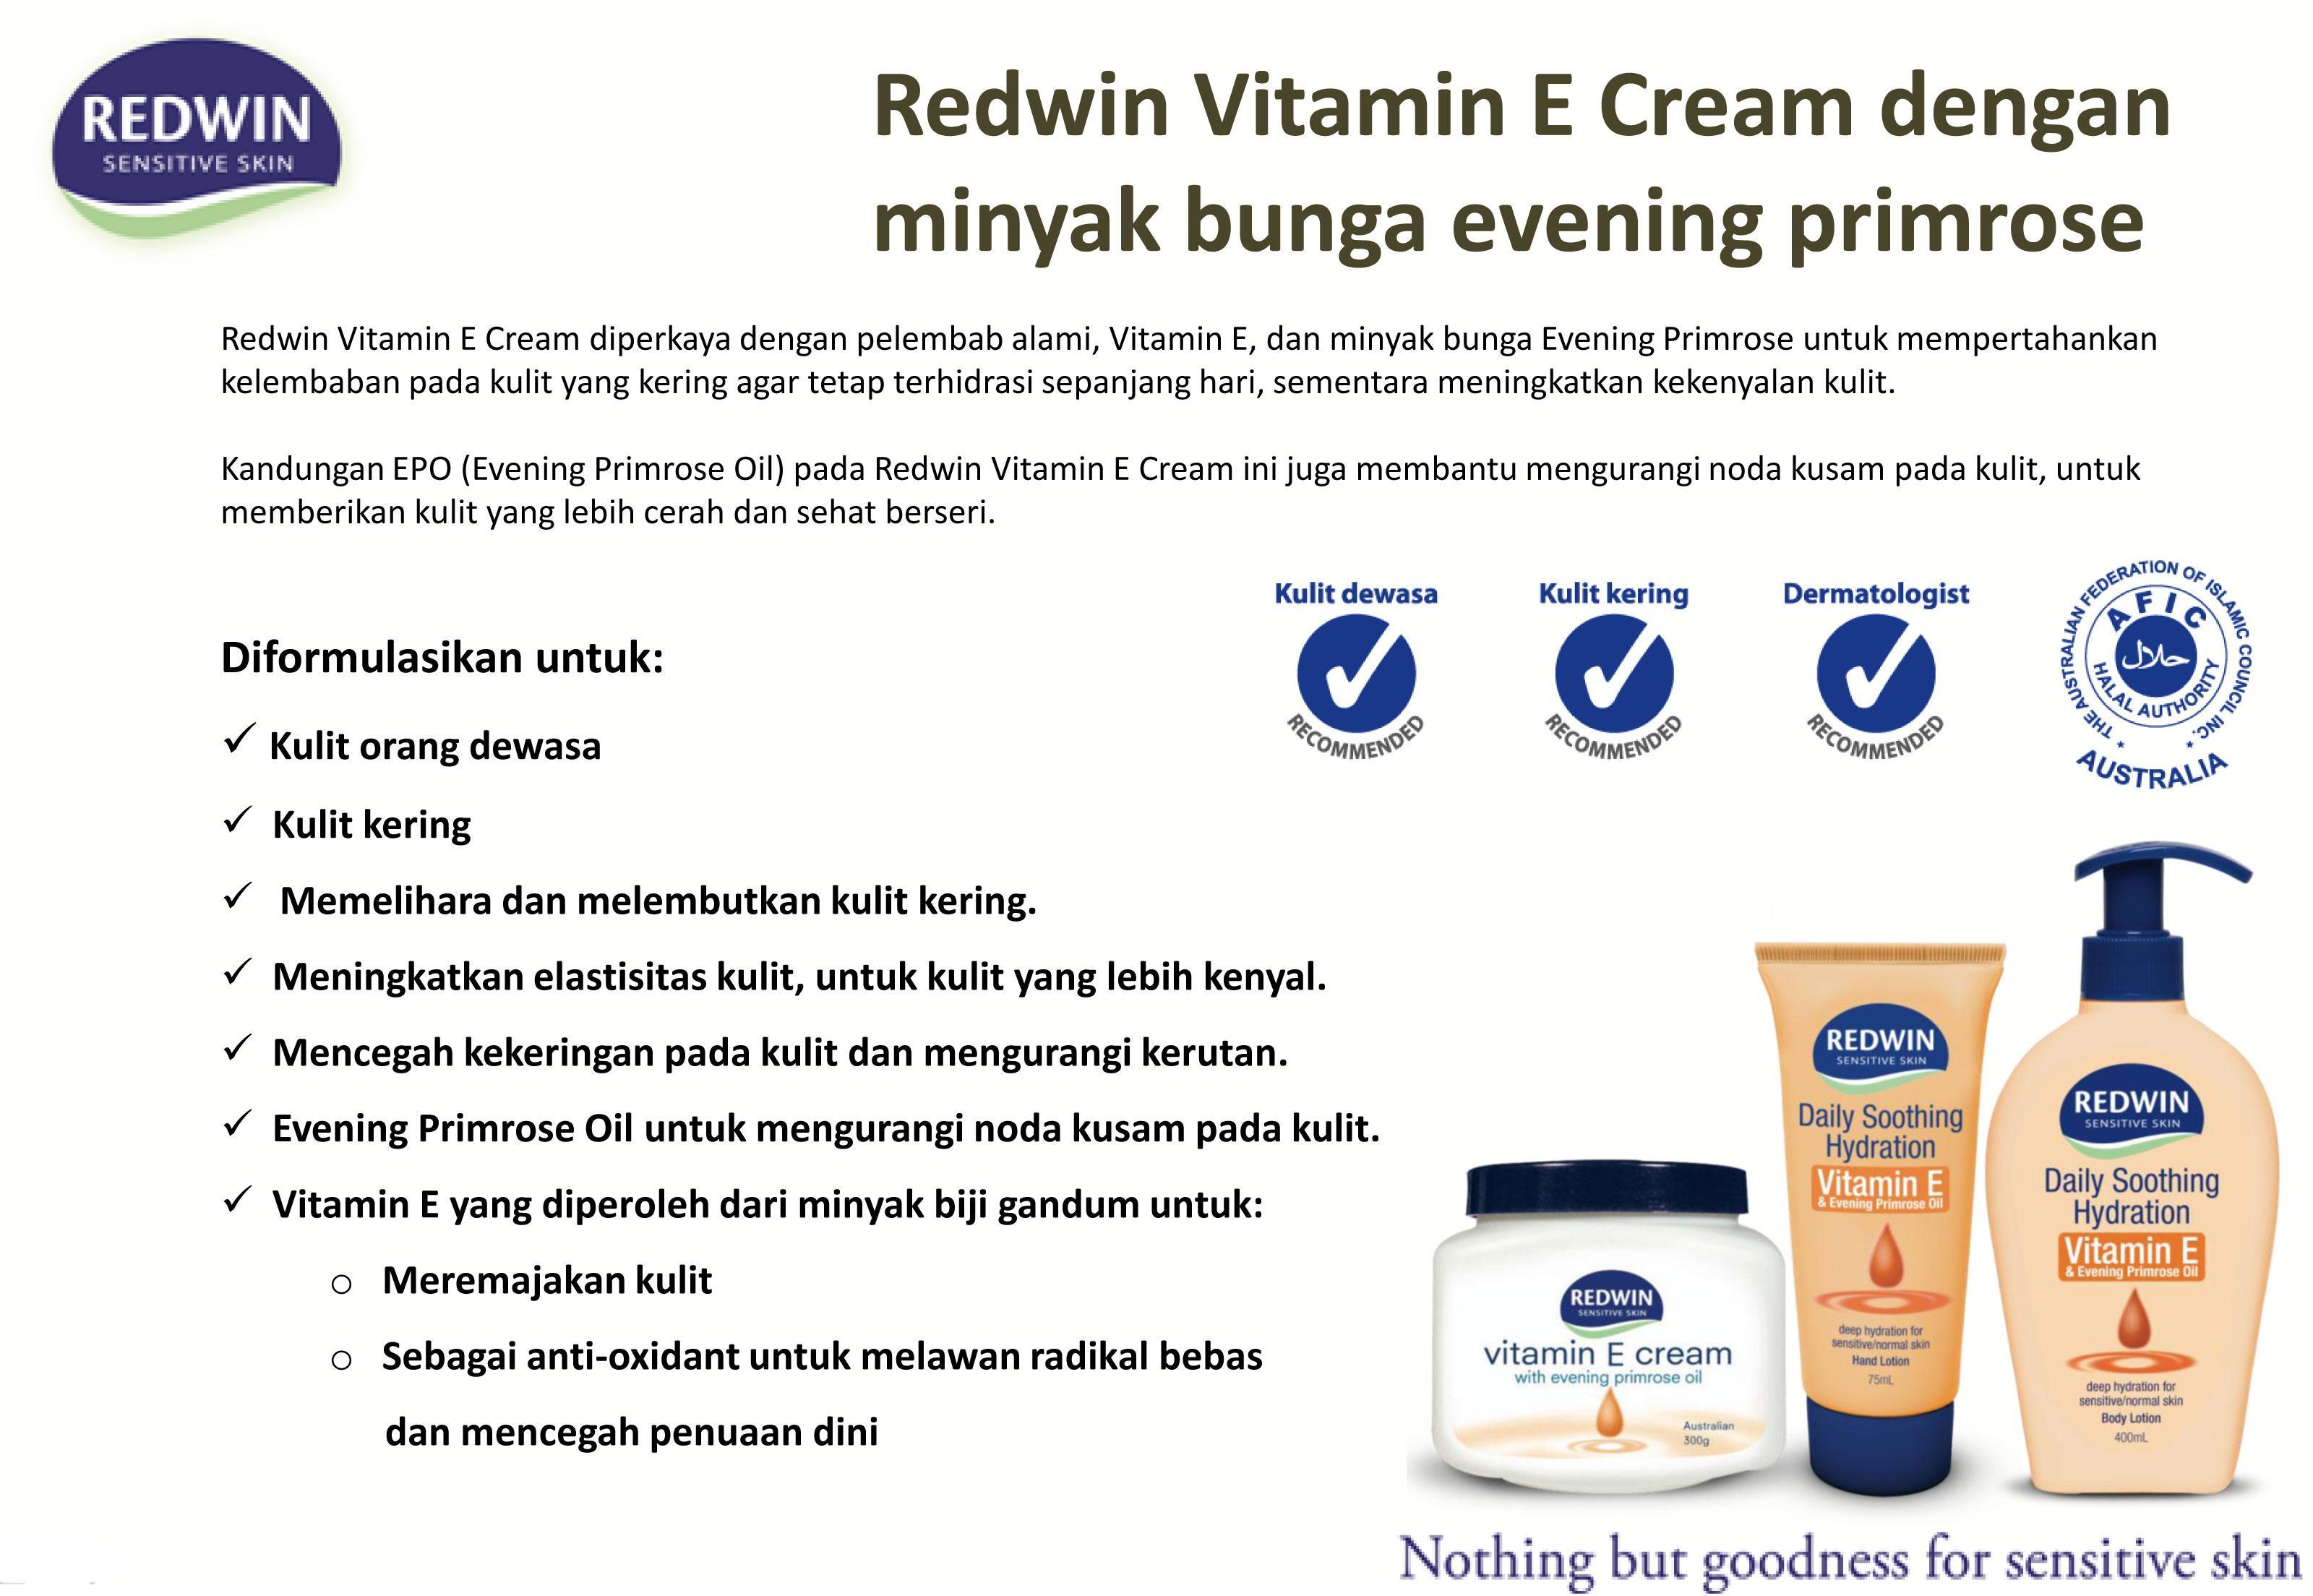 Redwin - Vitamin E Cream w/ Evening Primrose Oil - (300gr)